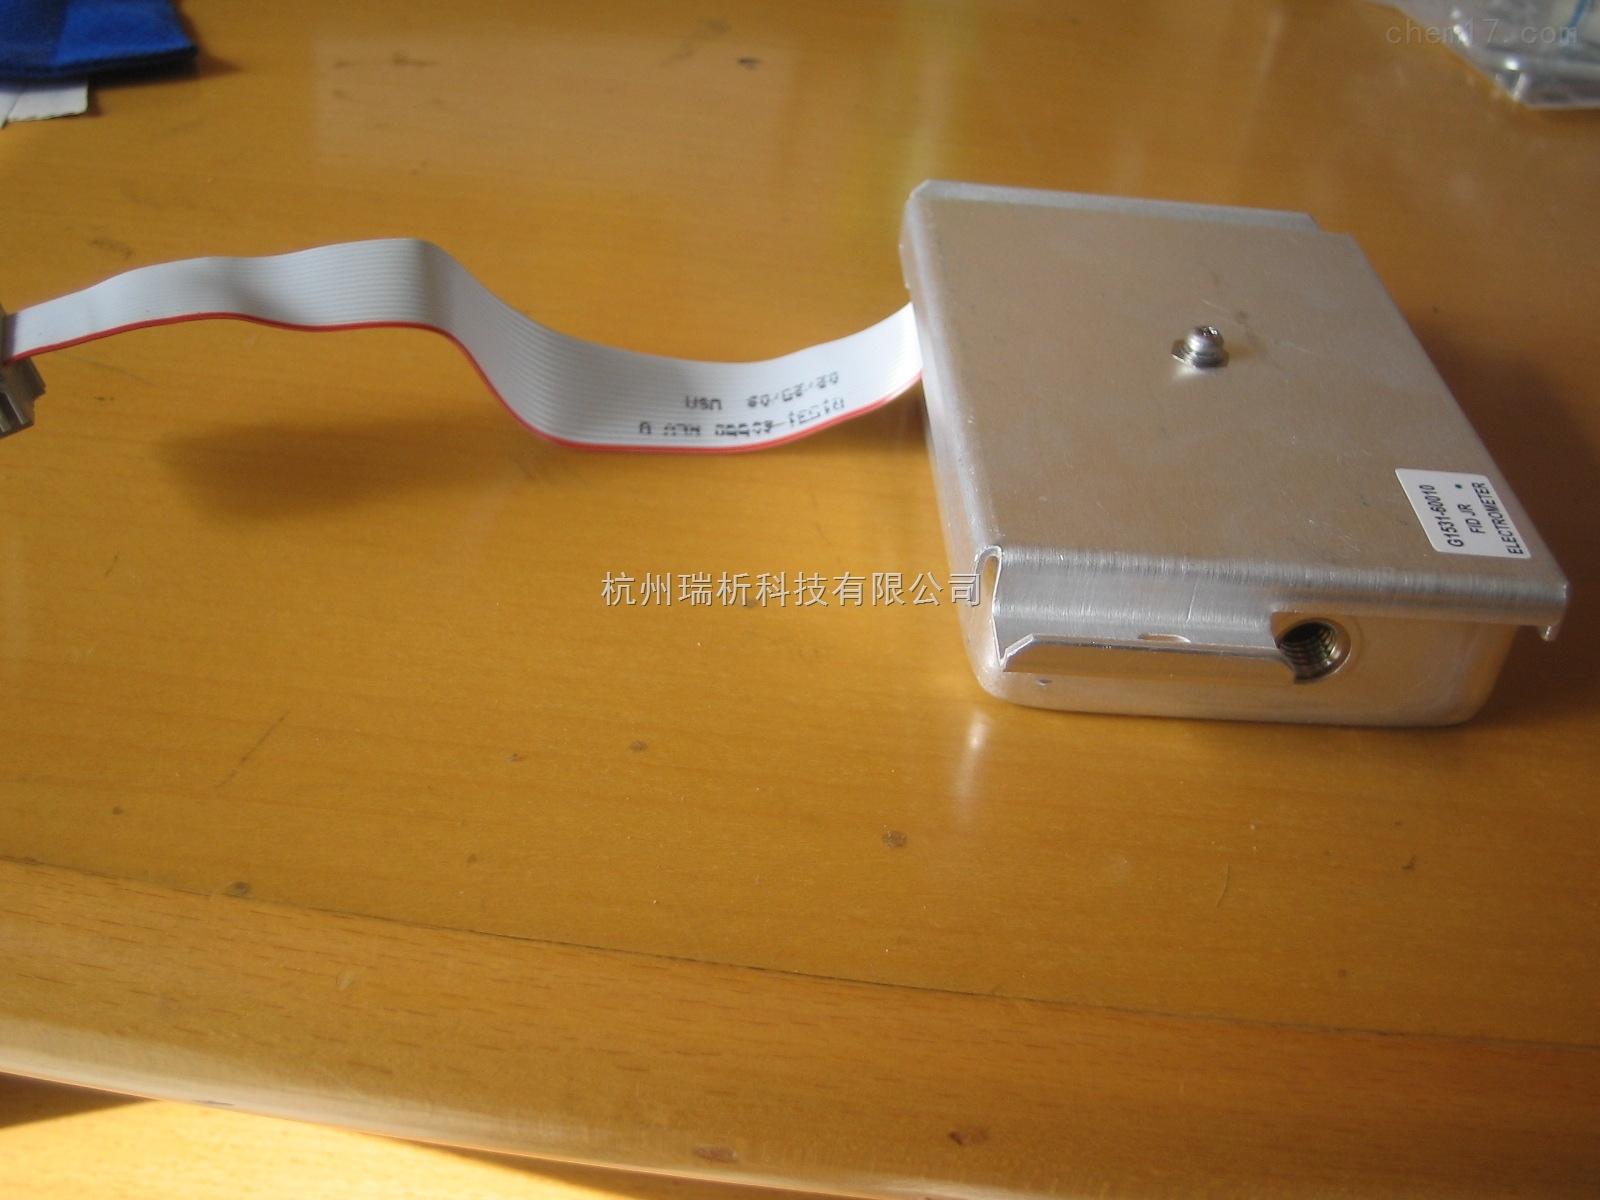 G1513-60010色谱柱液相色谱柱G1513-60010Agilent放大板面板